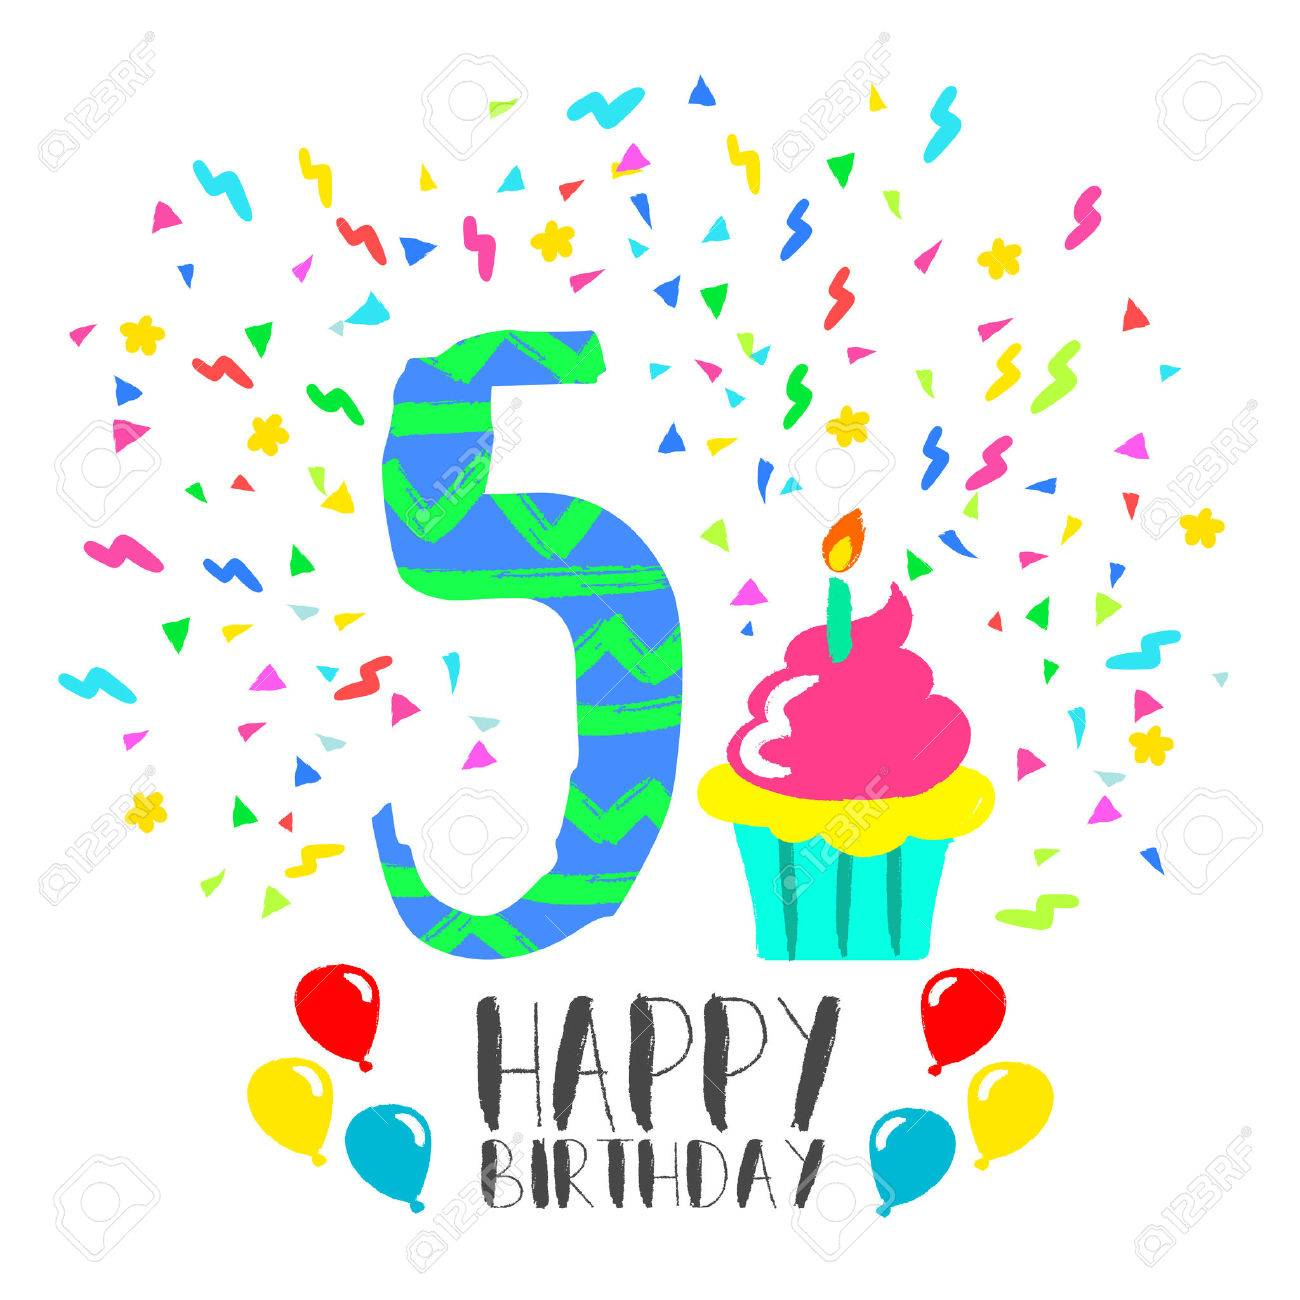 Joyeux Anniversaire Numéro 5 Carte De Voeux Pour Cinq Ans En Style Art Amusant Avec Confettis Et Gâteau De Fête Invitation Danniversaire